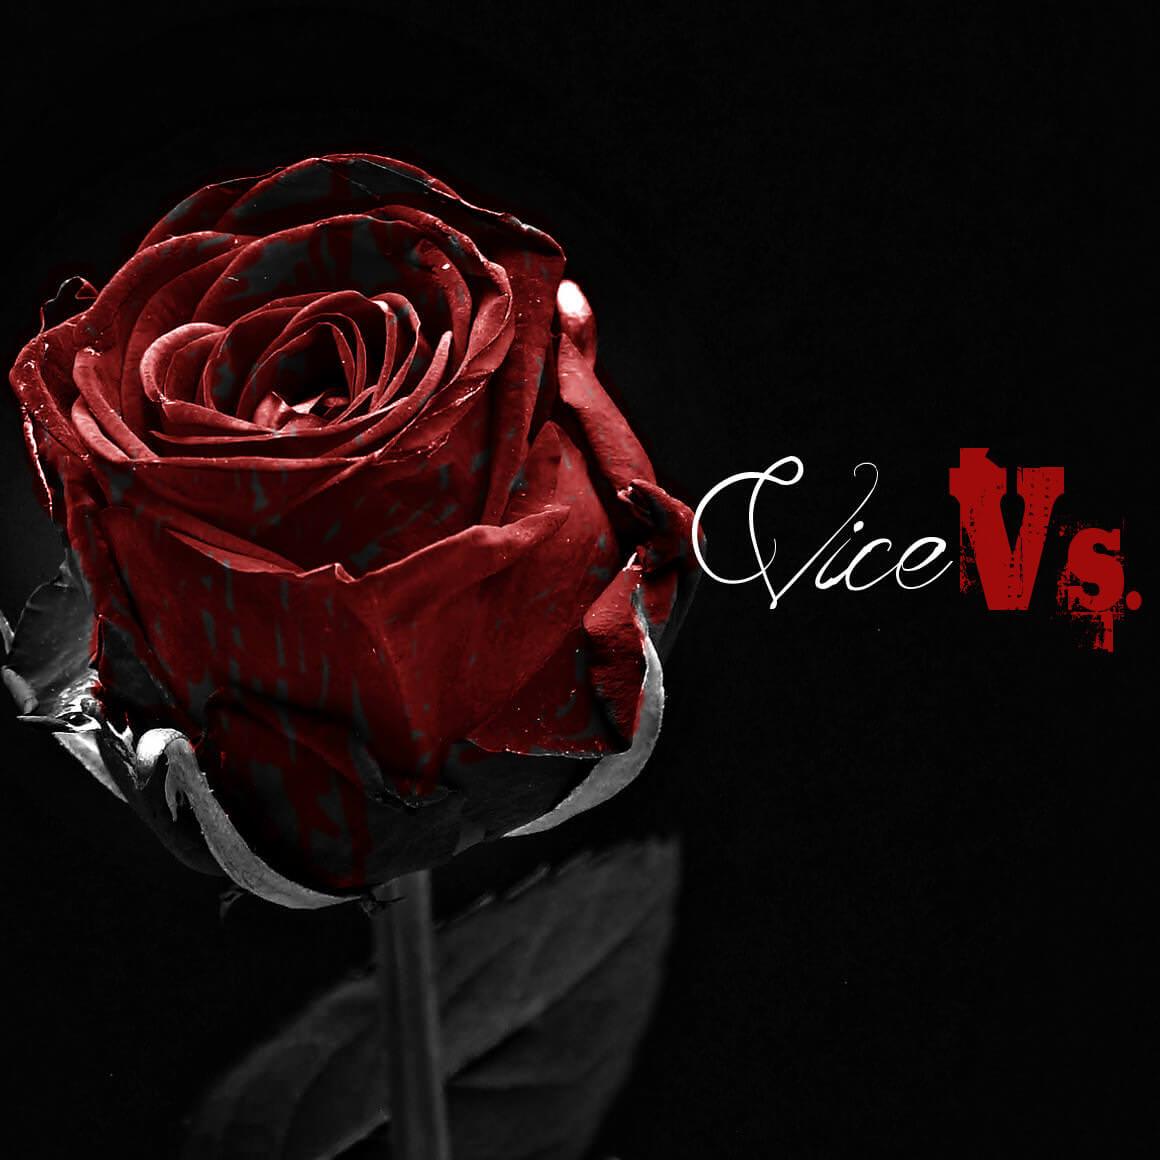 Vice Vs